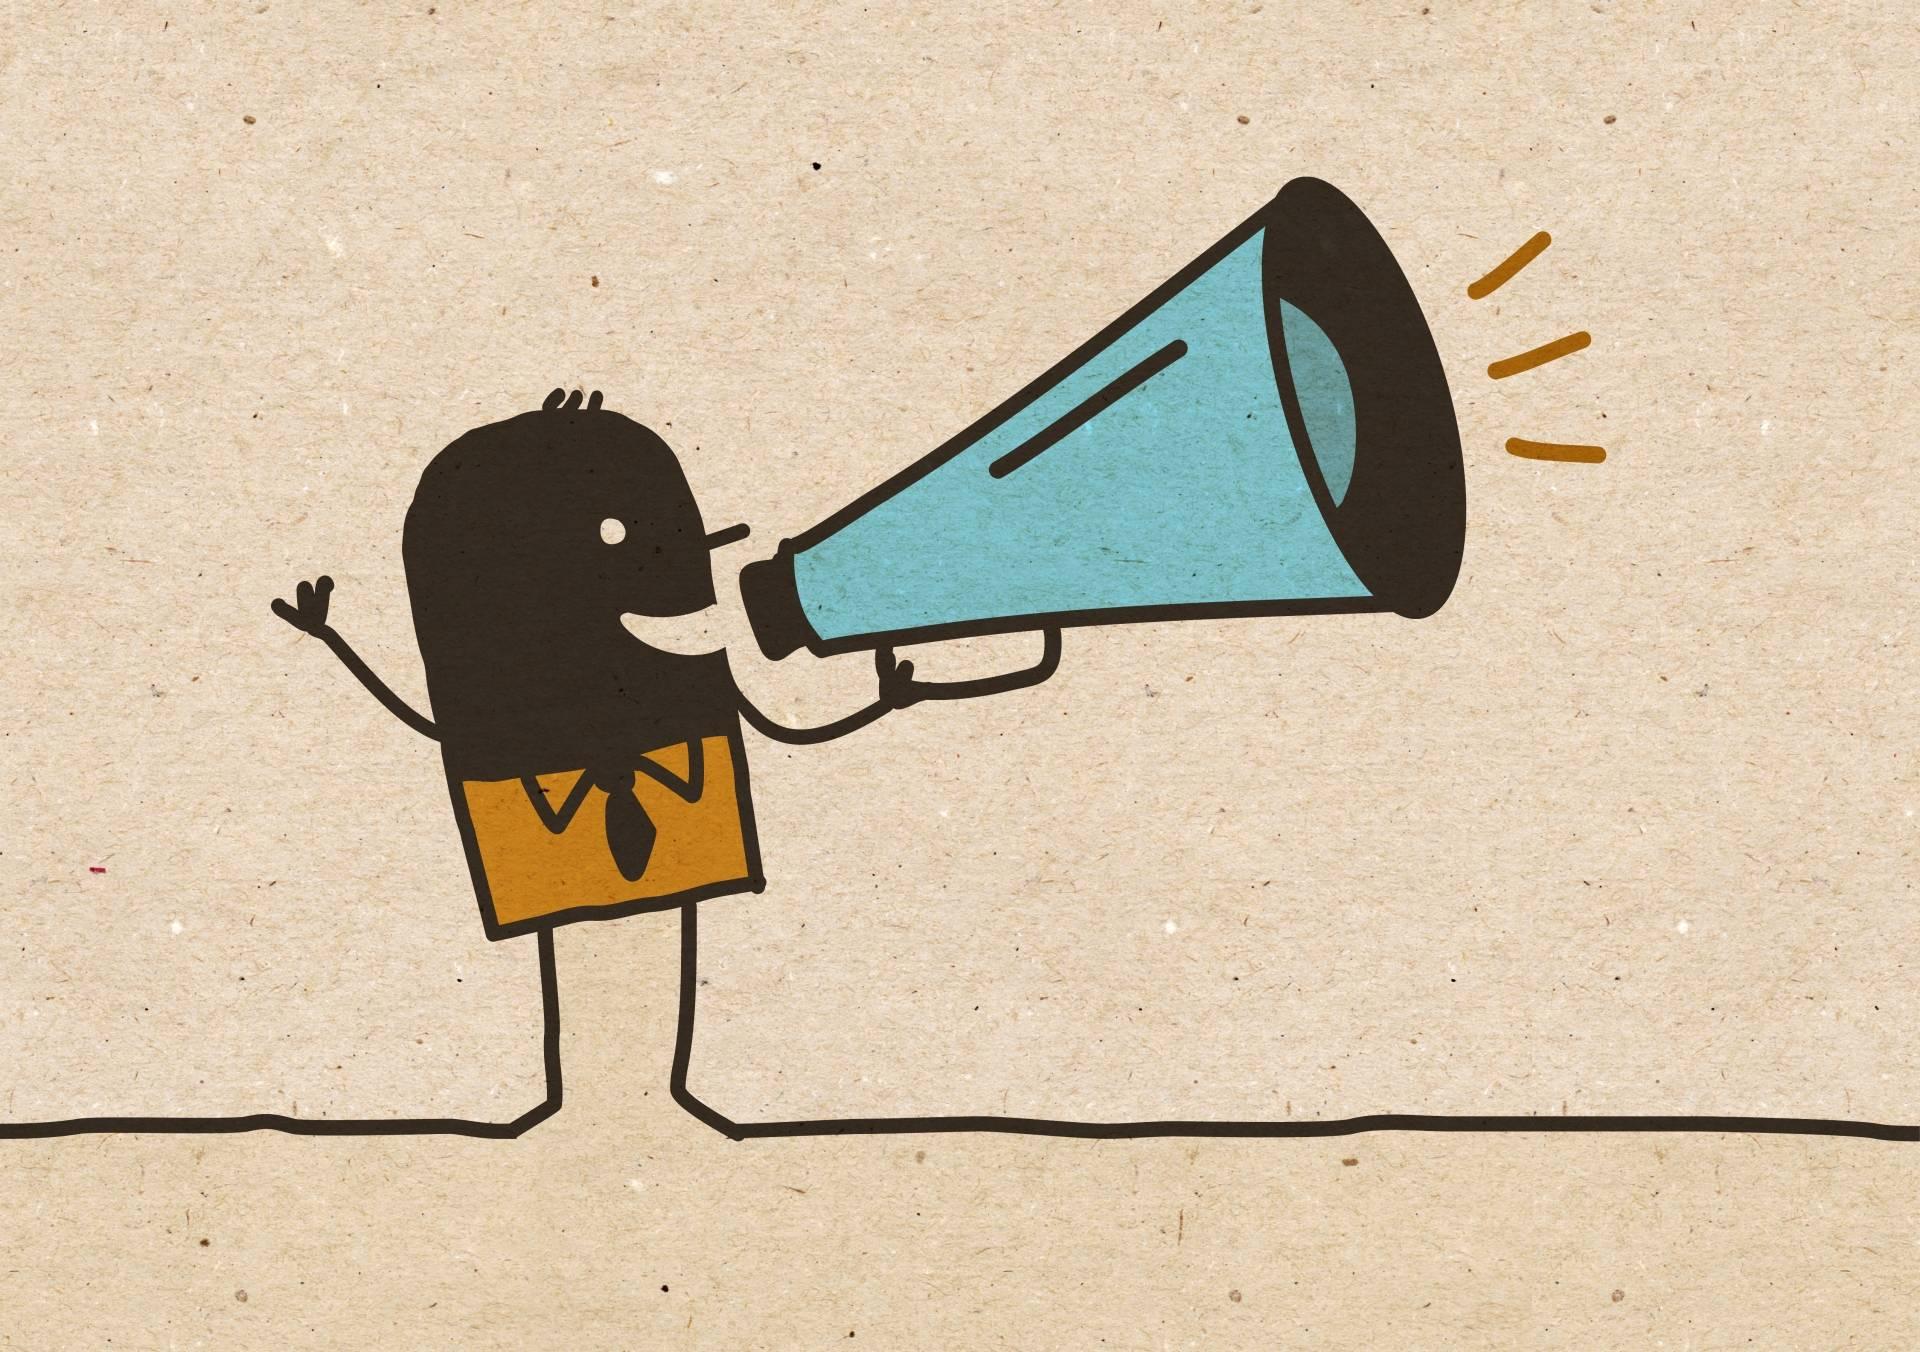 Trening głosu - kreskówkowy ludzik krzyczy przez megafon.